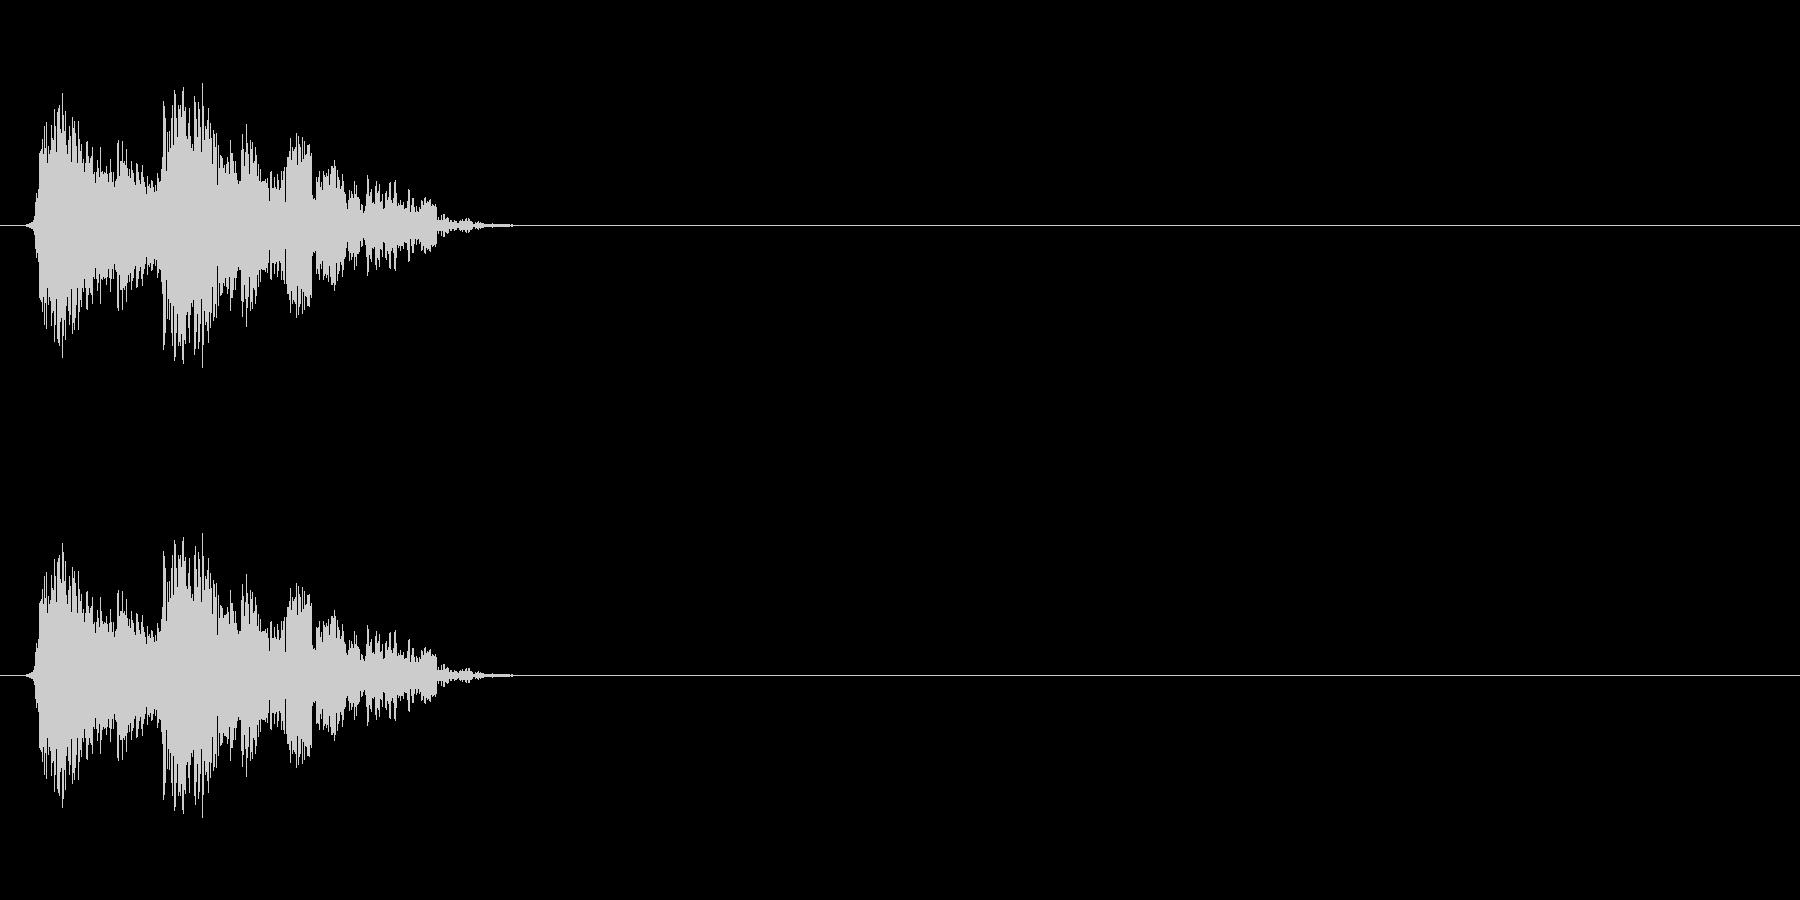 【斬る01-2】の未再生の波形